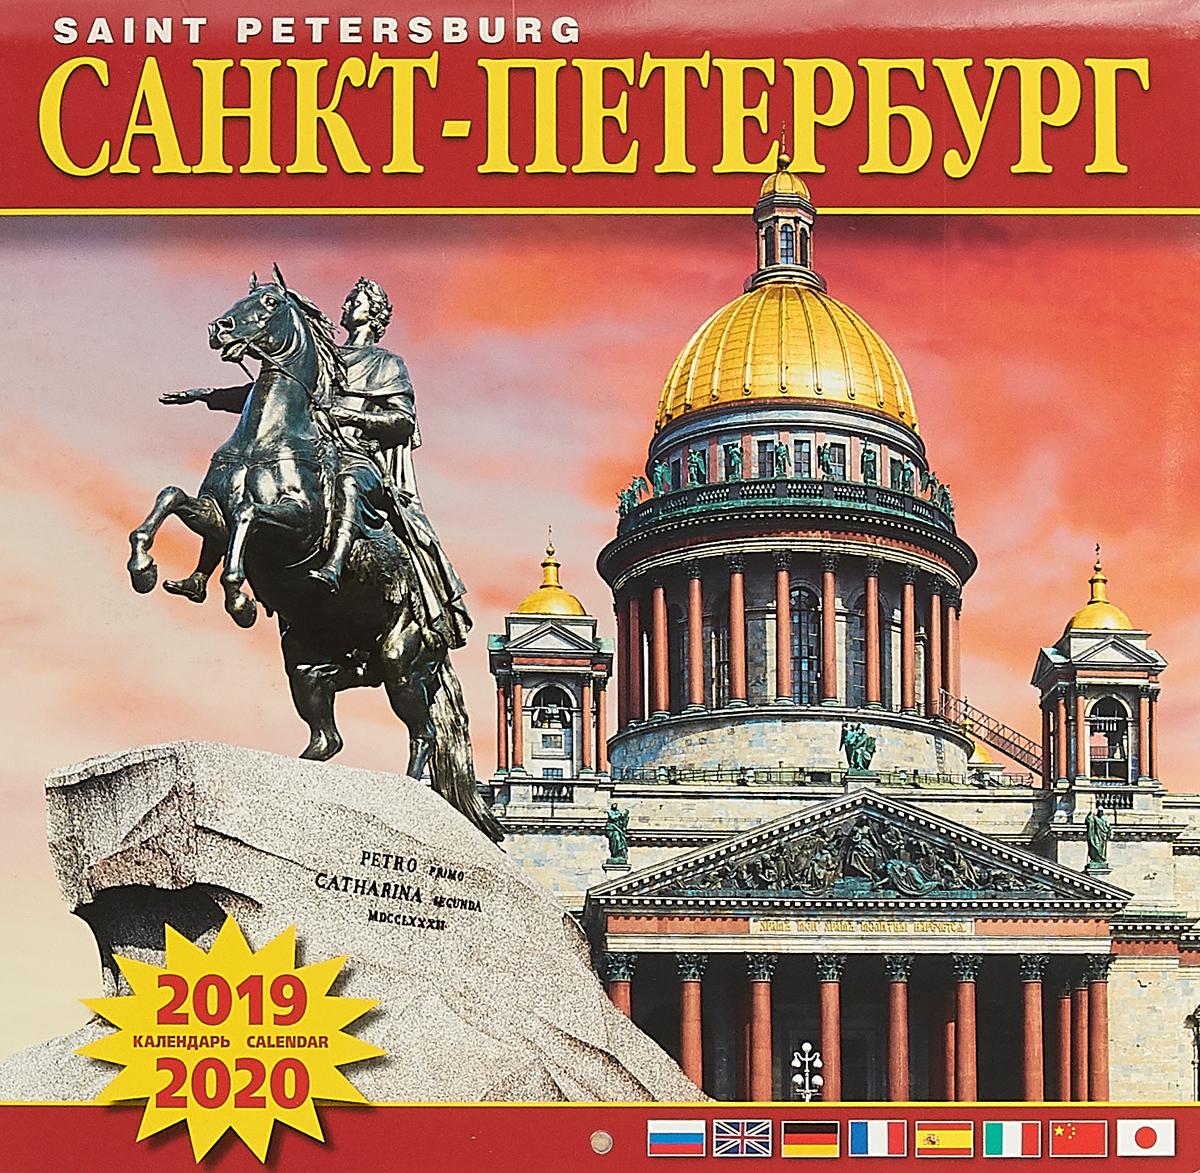 Календарь на скрепке на 2019-2020 год. Исаакиевский собор